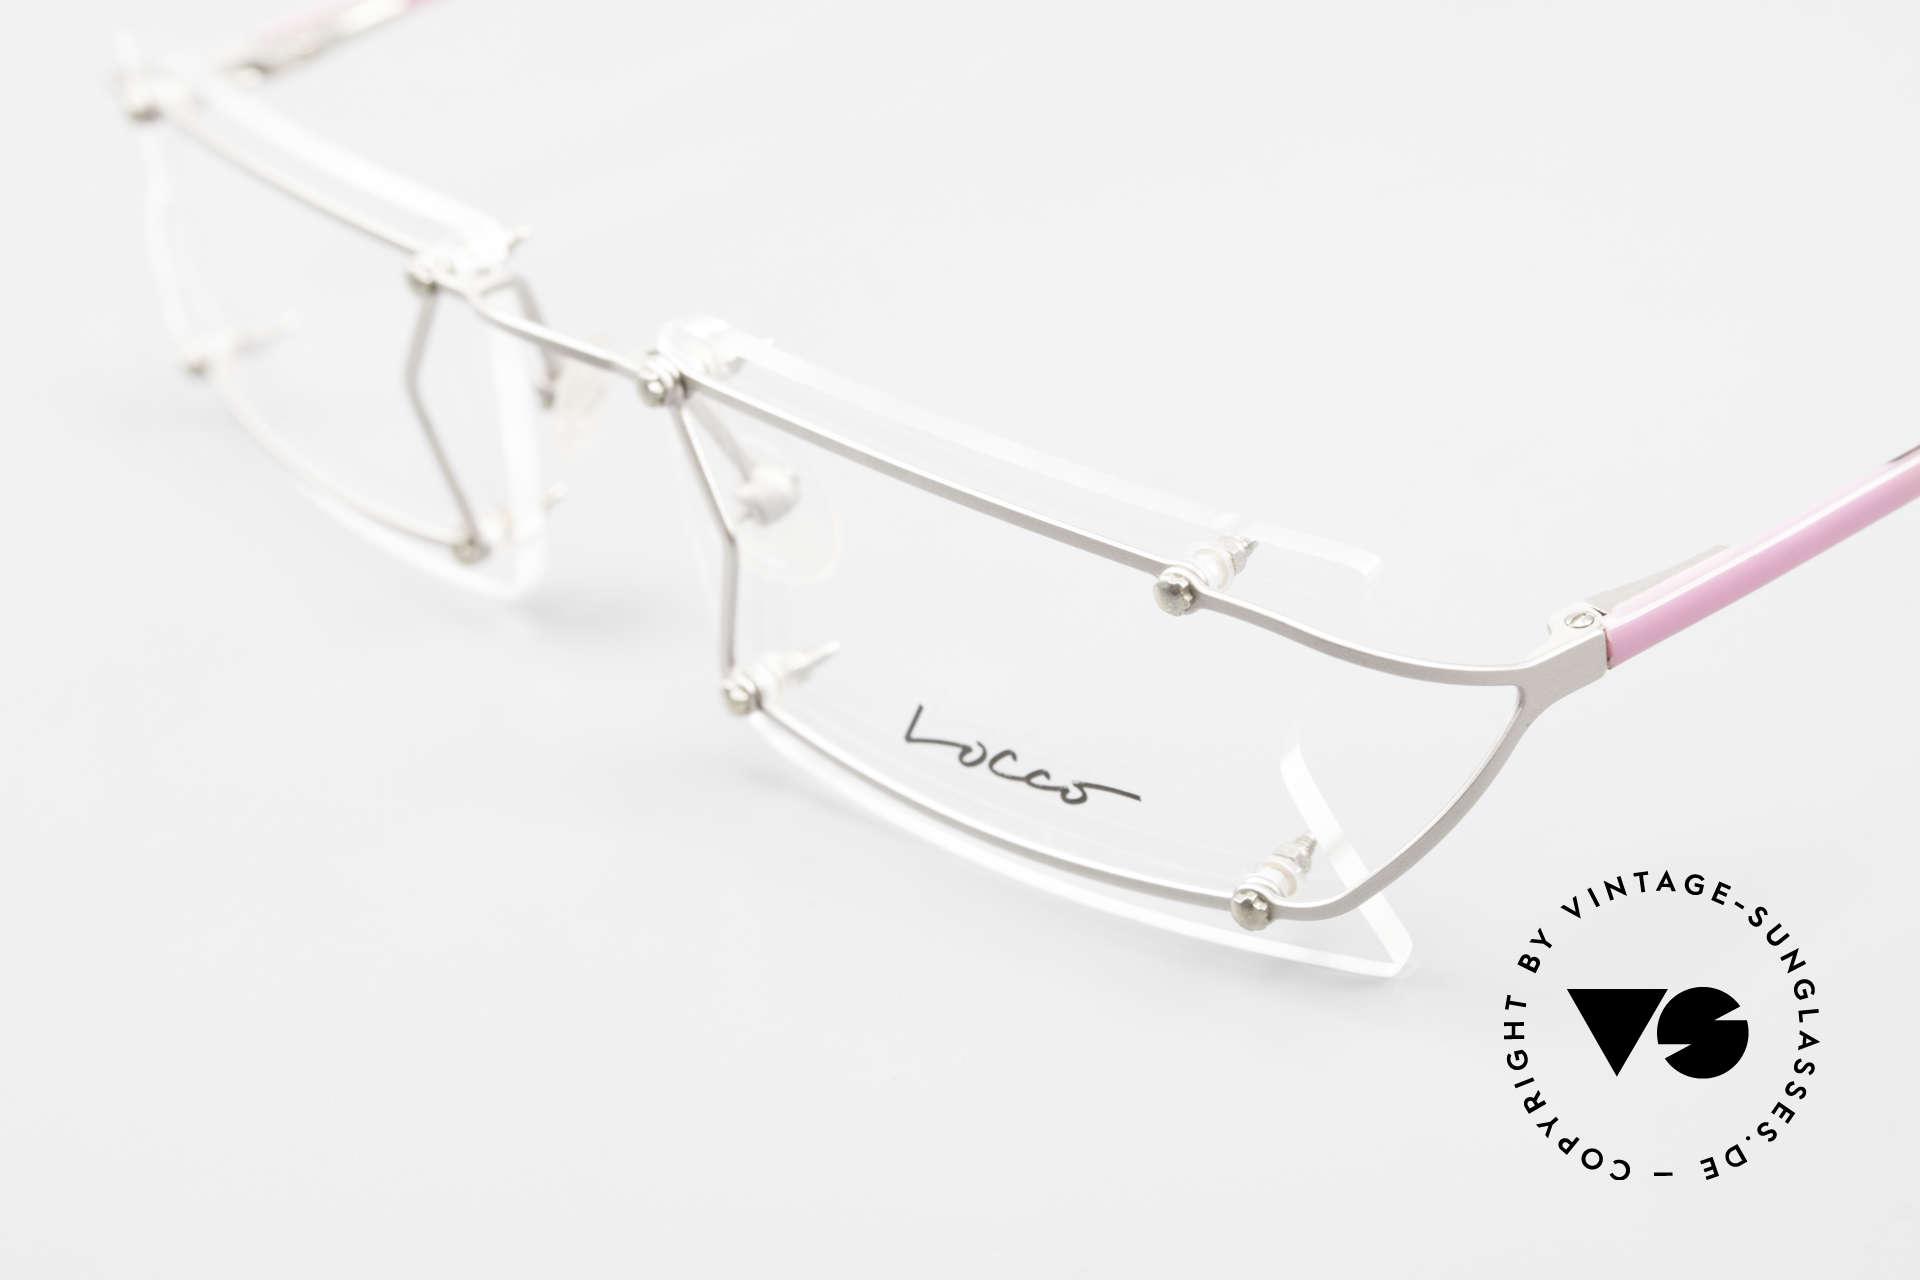 Locco Pinot Crazy Designer Eyeglasses 90's, NO RETRO eyeglasses, but an old 1990's ORIGINAL, Made for Men and Women